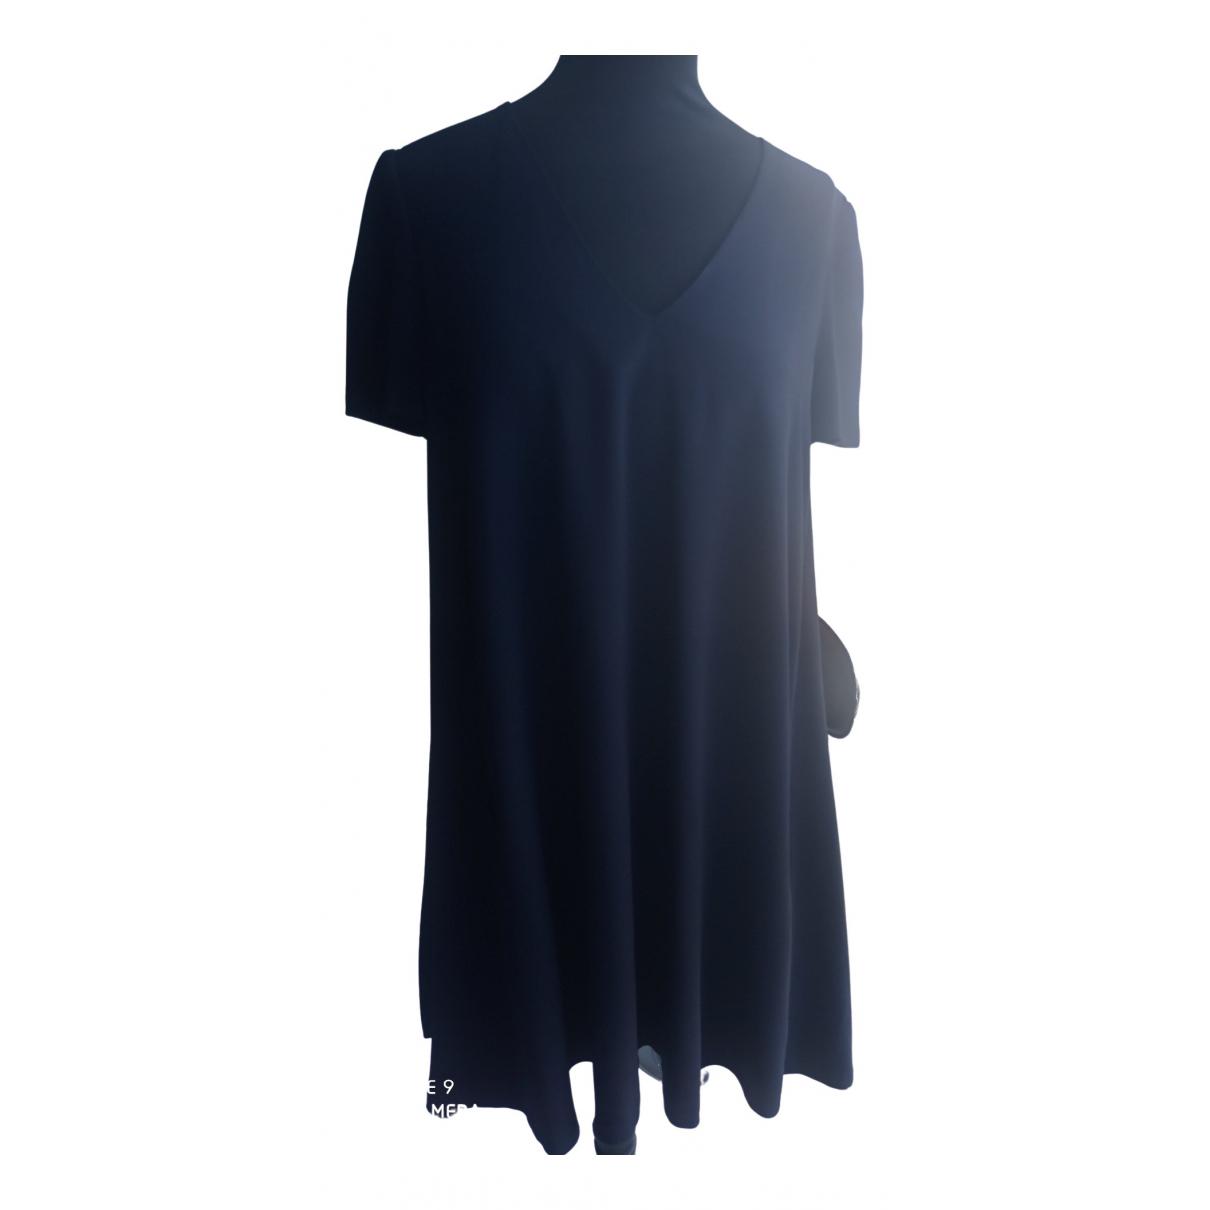 Claudie Pierlot \N Blue dress for Women 38 FR